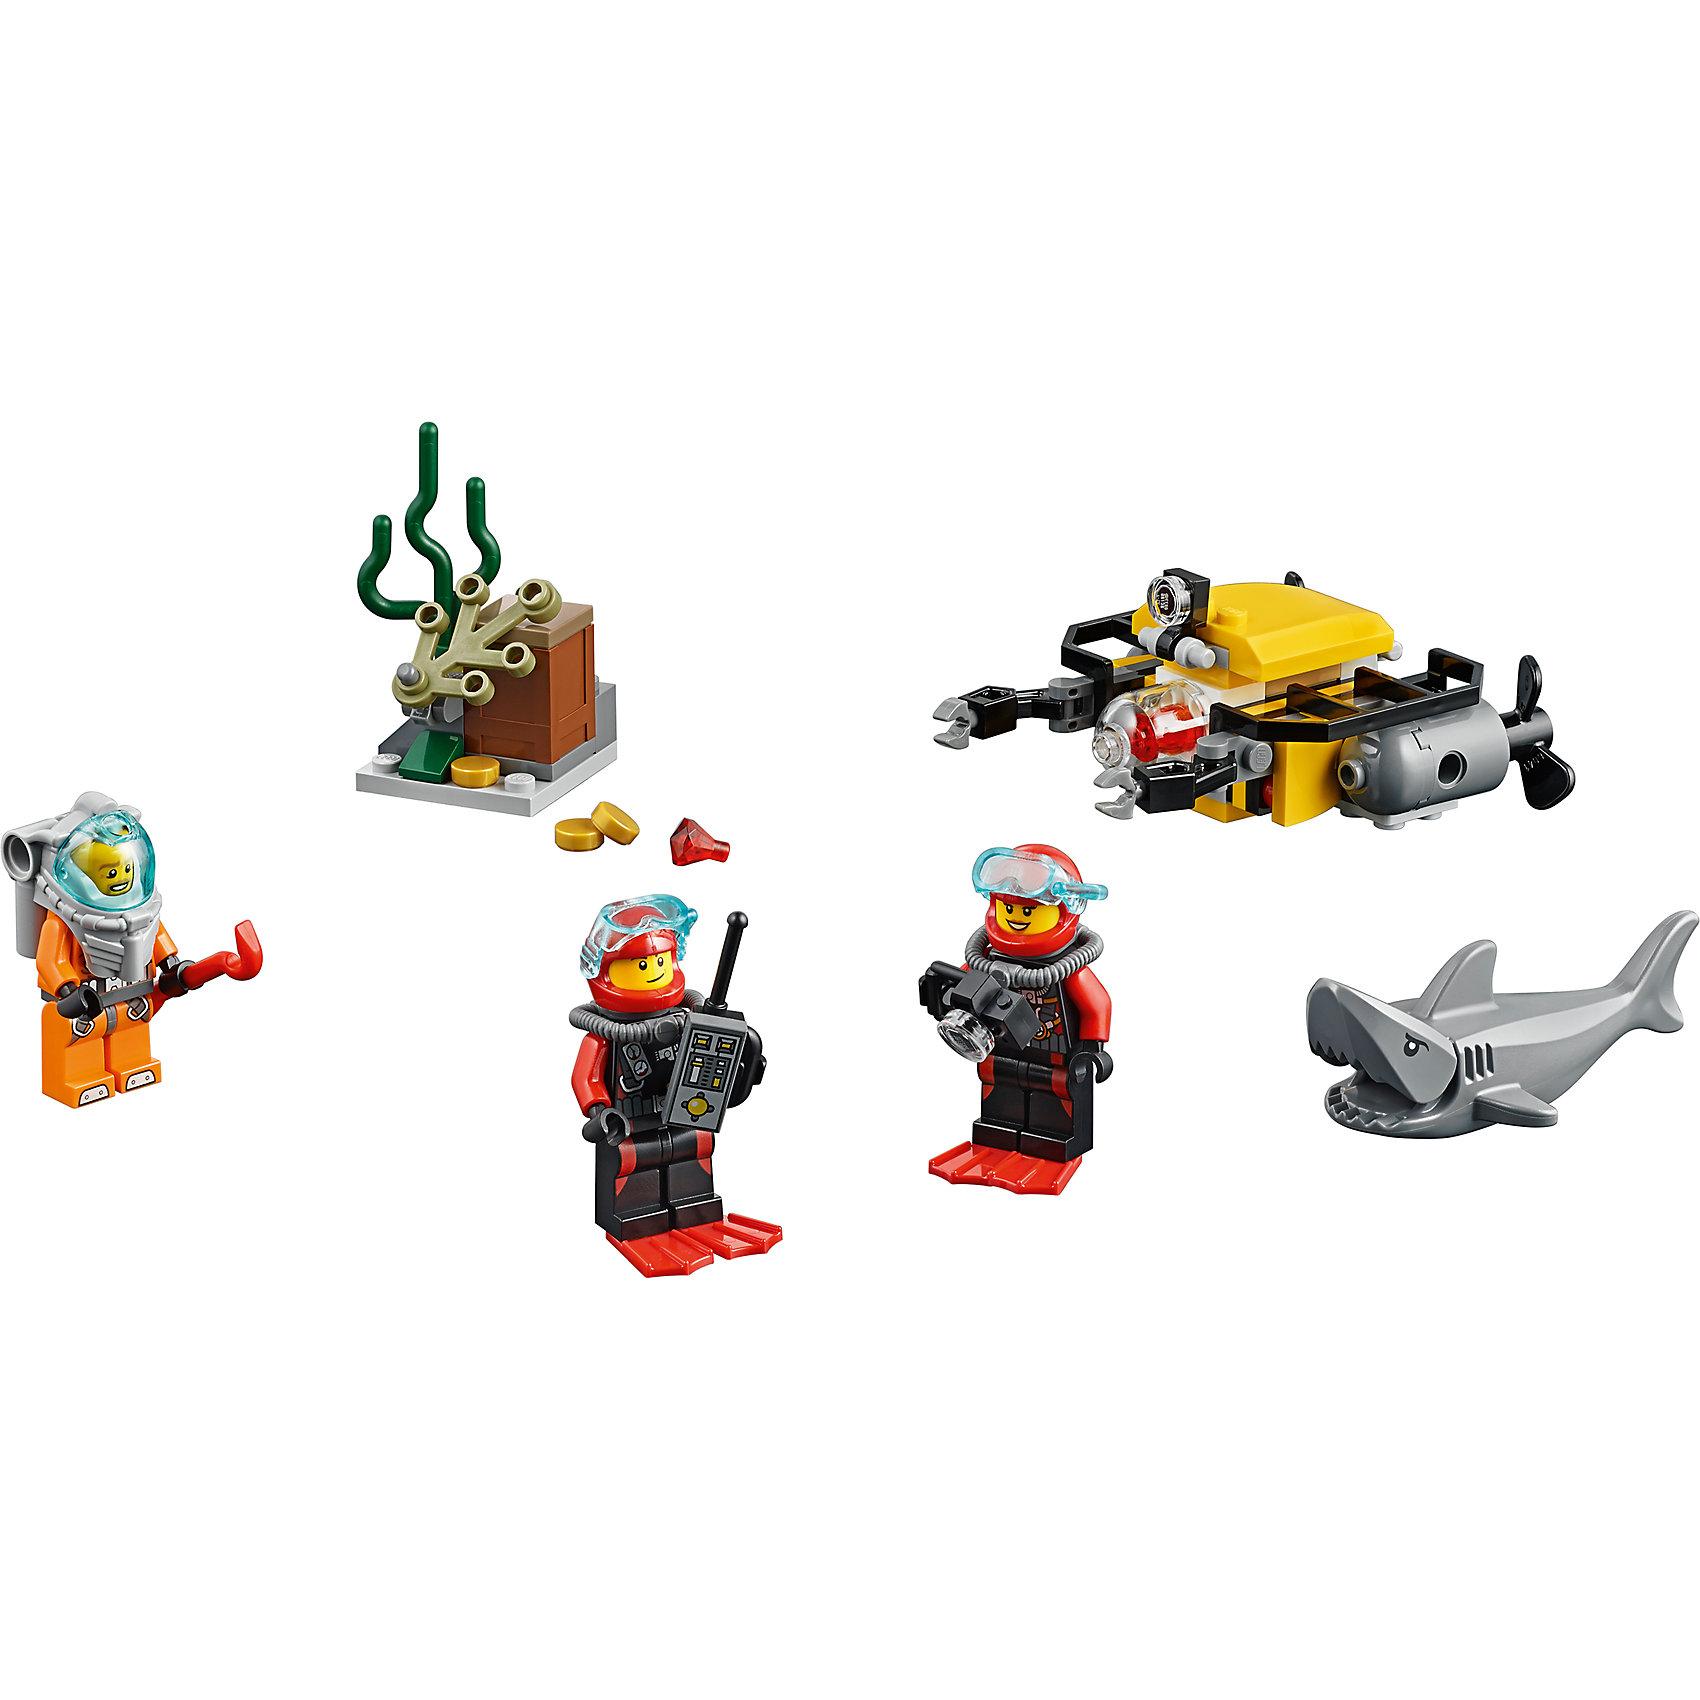 LEGO City 60091: ����� ��� ���������� ������������� ������� ������